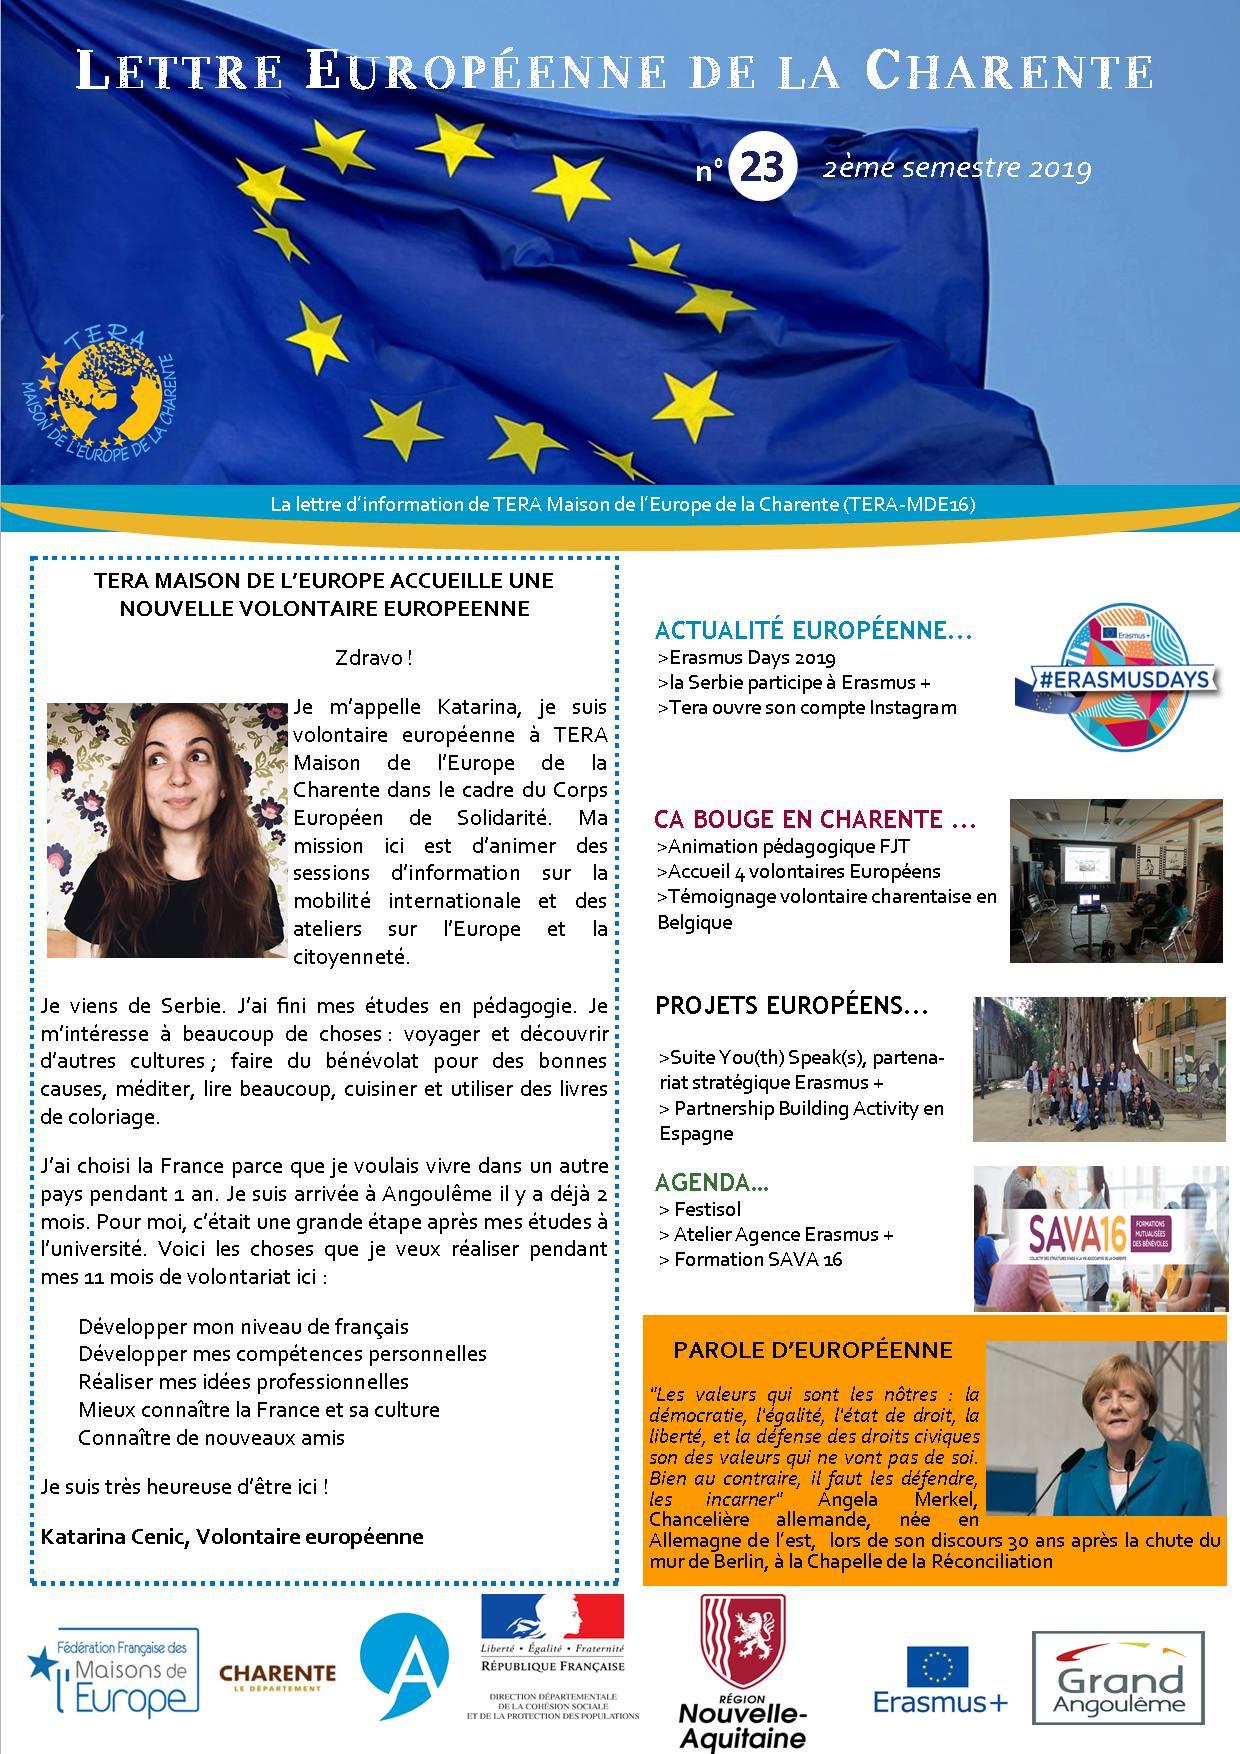 Lettre Européenne de la Charente n°23 du 2ème semestre 2019